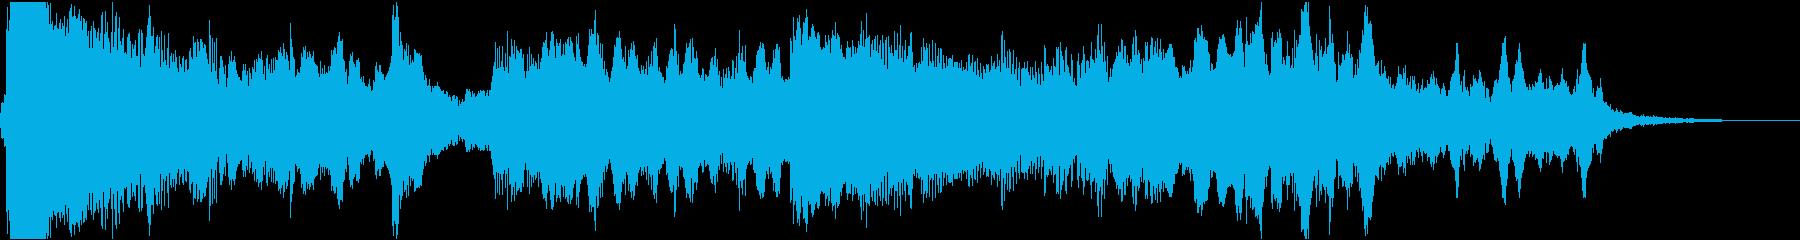 14秒・尺八、琴、弦楽器の静かなジングルの再生済みの波形